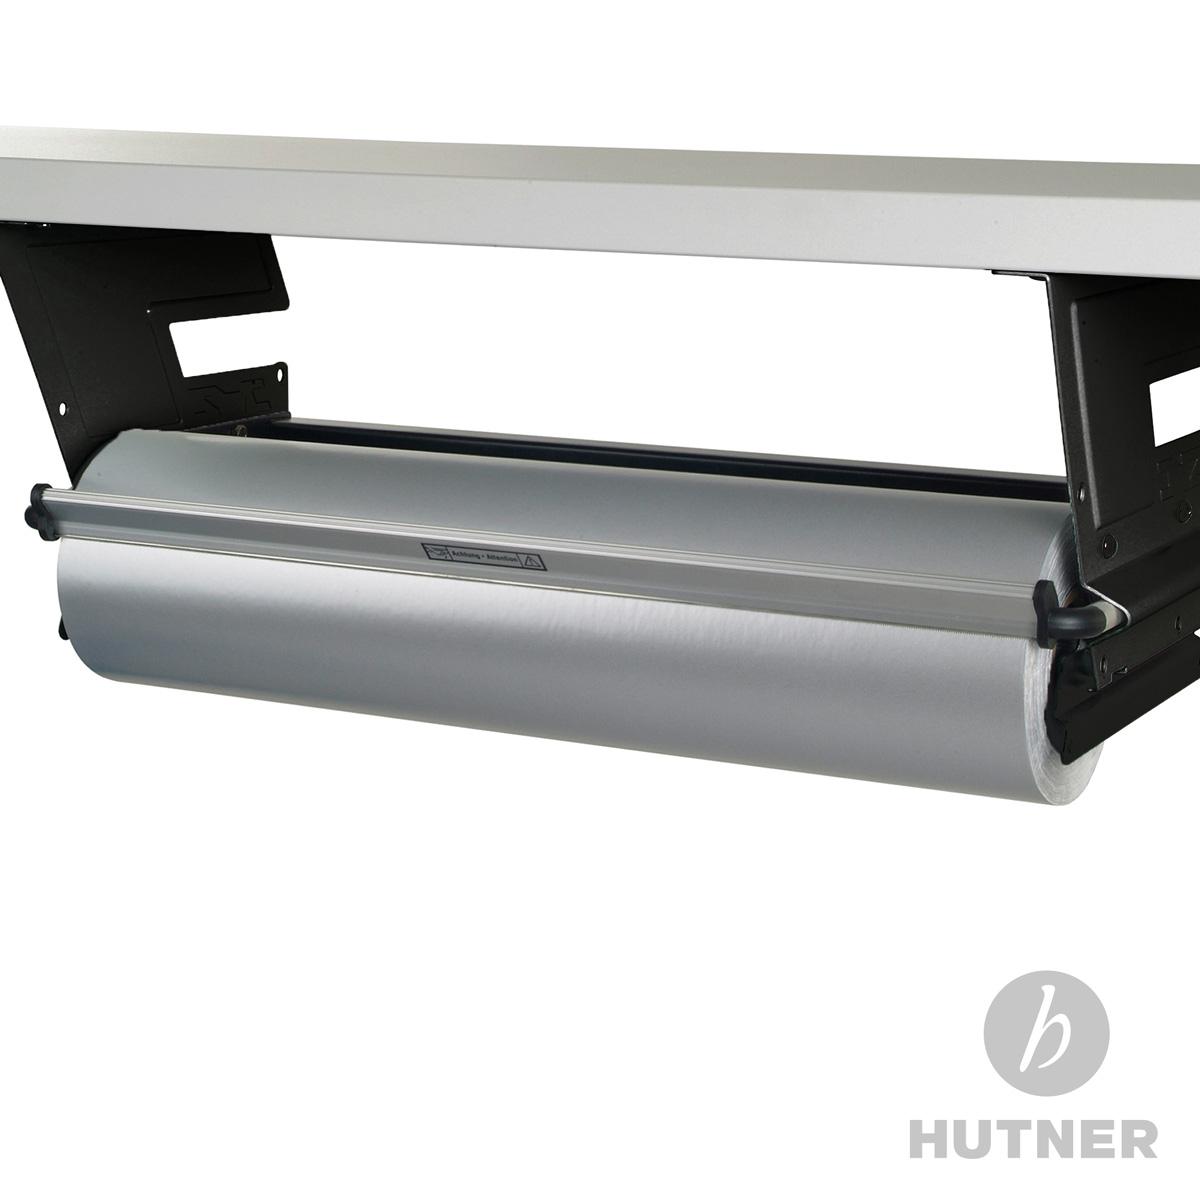 Dinzl Sortimentskastentresor 416x256x434mm 5Fächer Einzelverriegelung Stahlblech